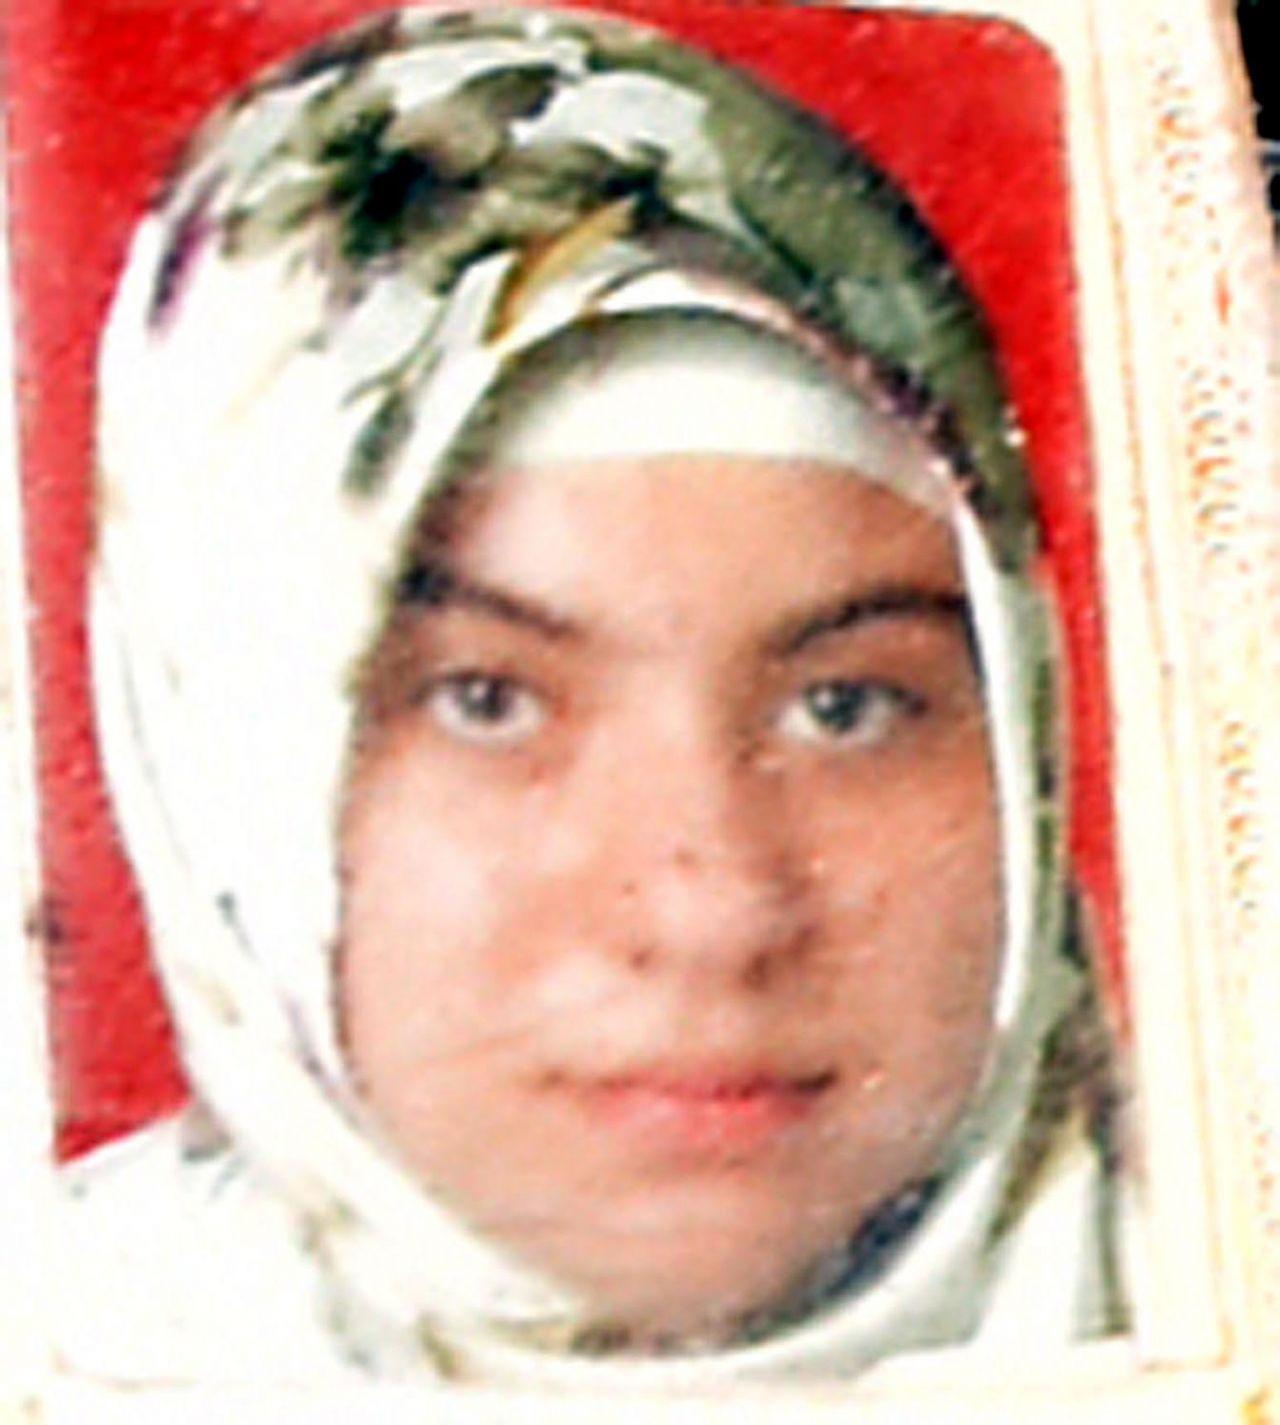 Kütahya'da bir kadın borç aldığı komşusu tarafından acımasızca öldürüldü